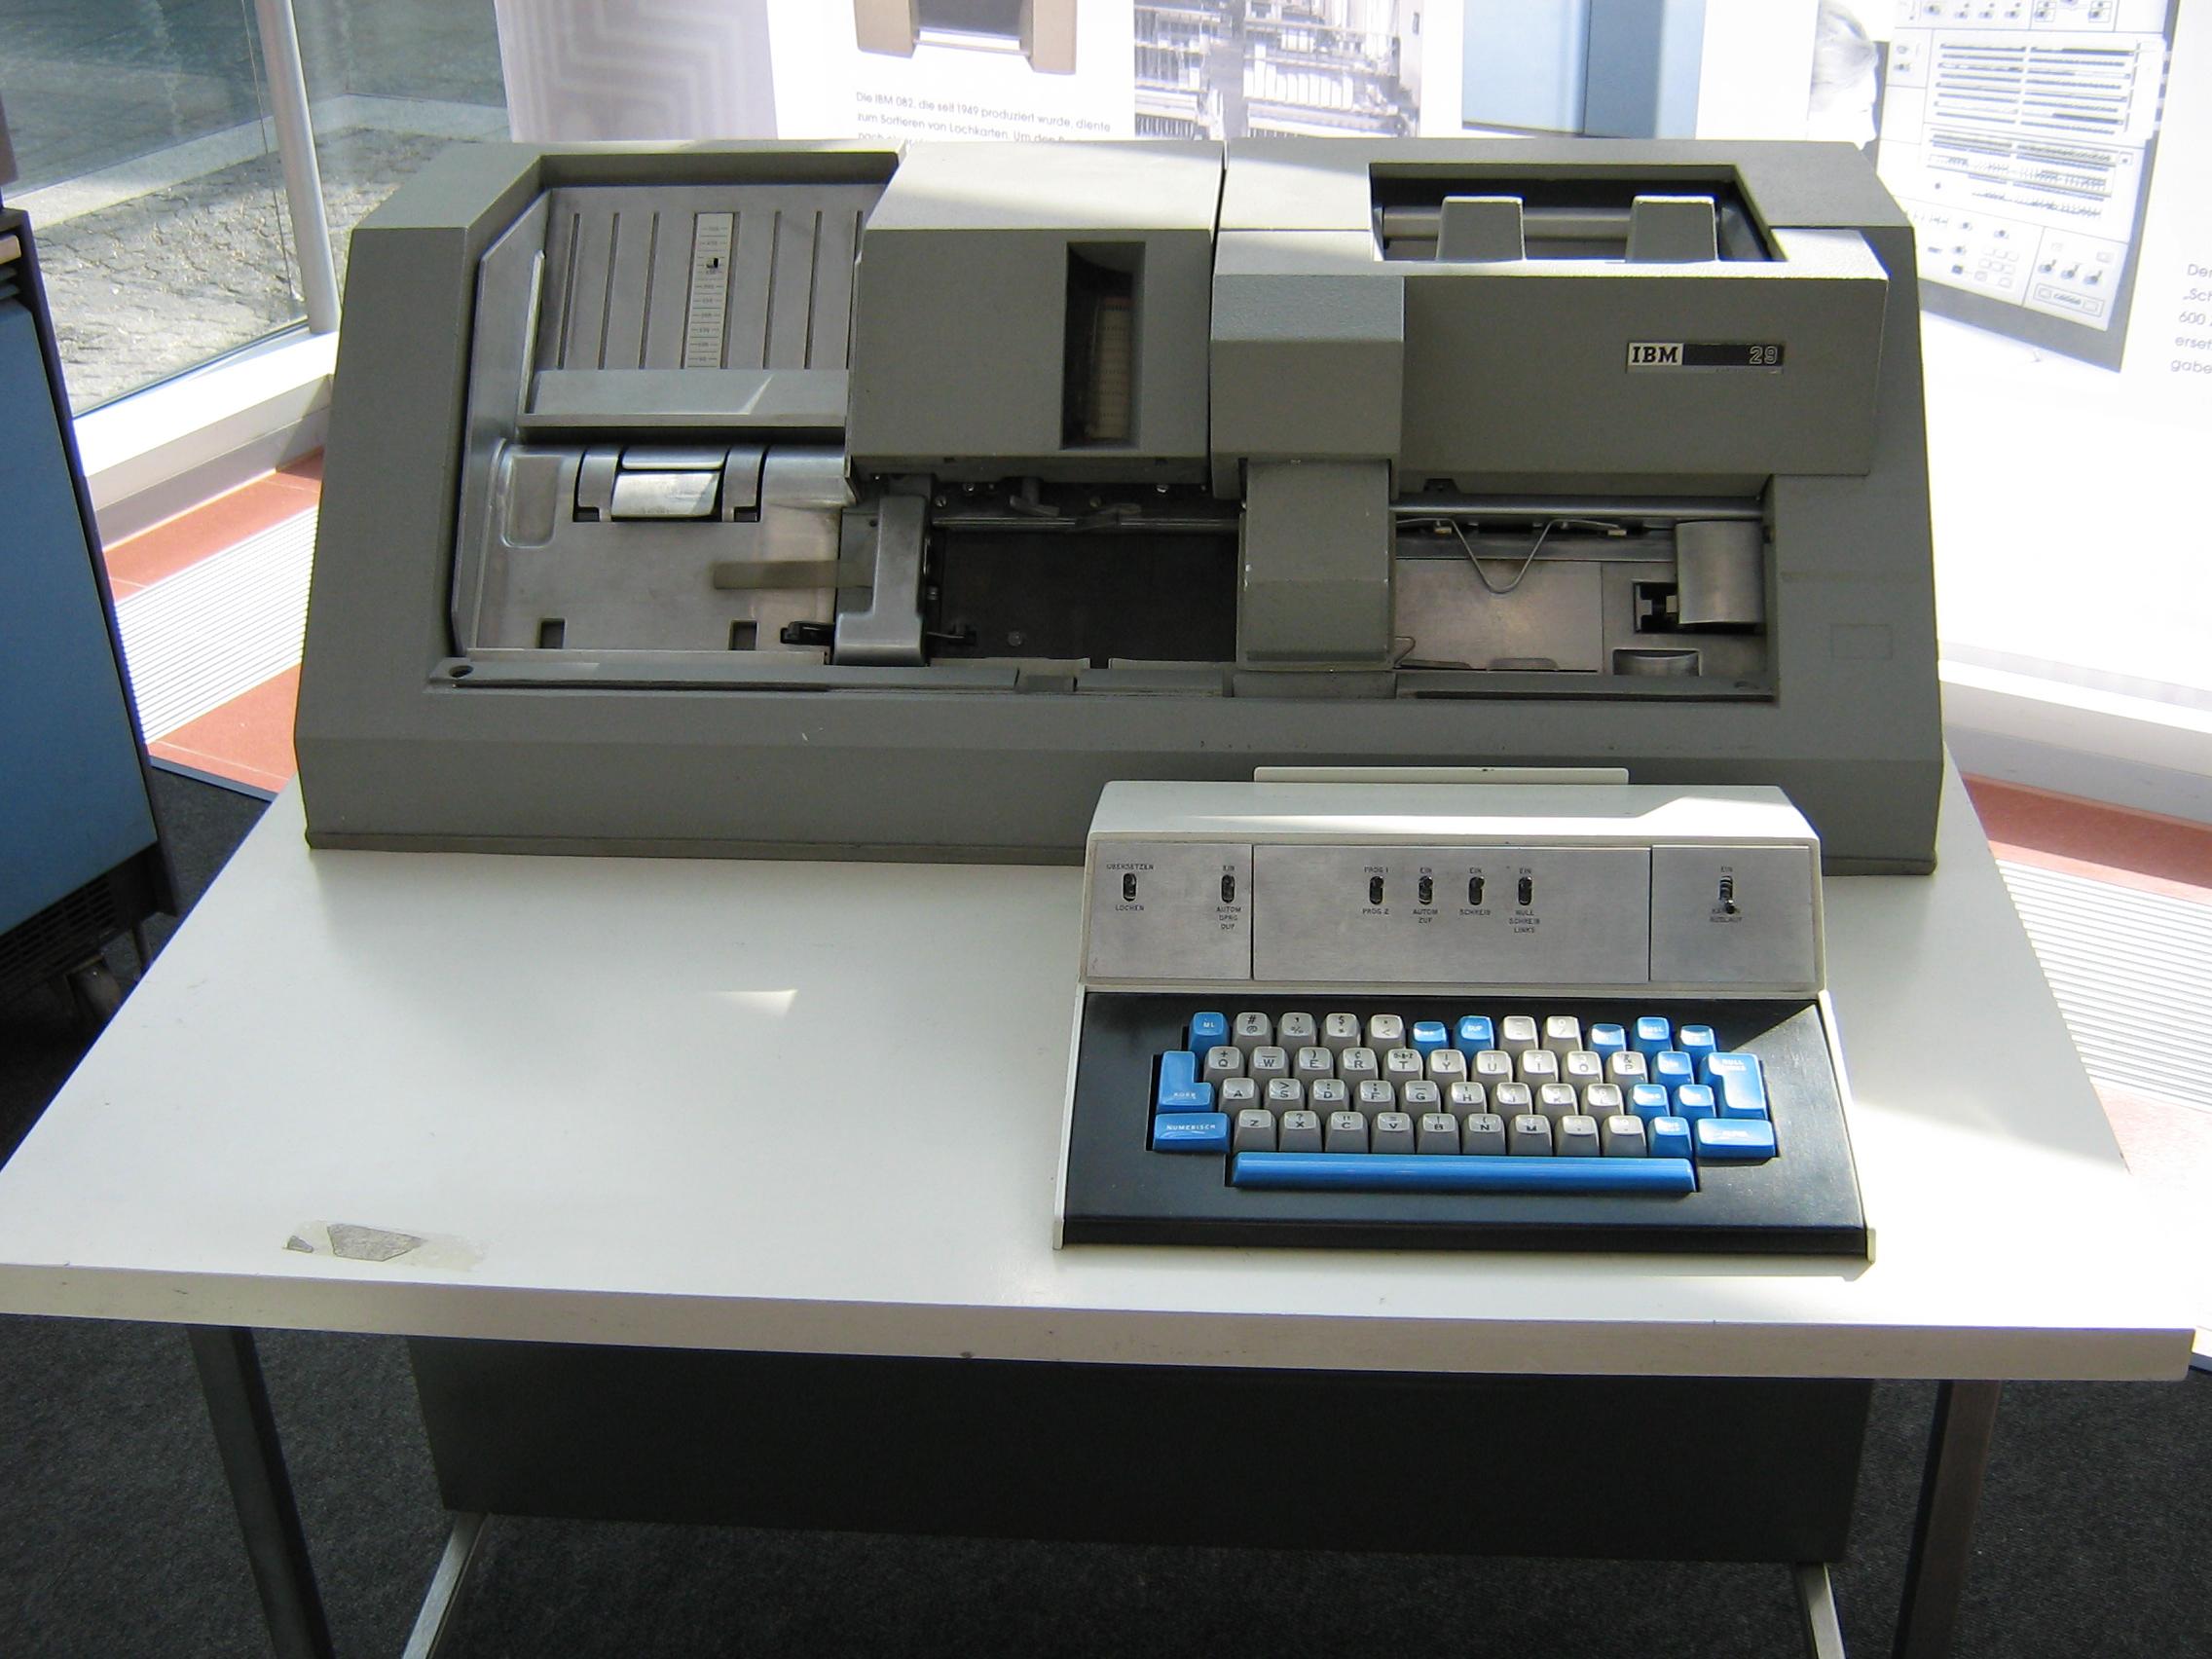 ibm keypunch machine